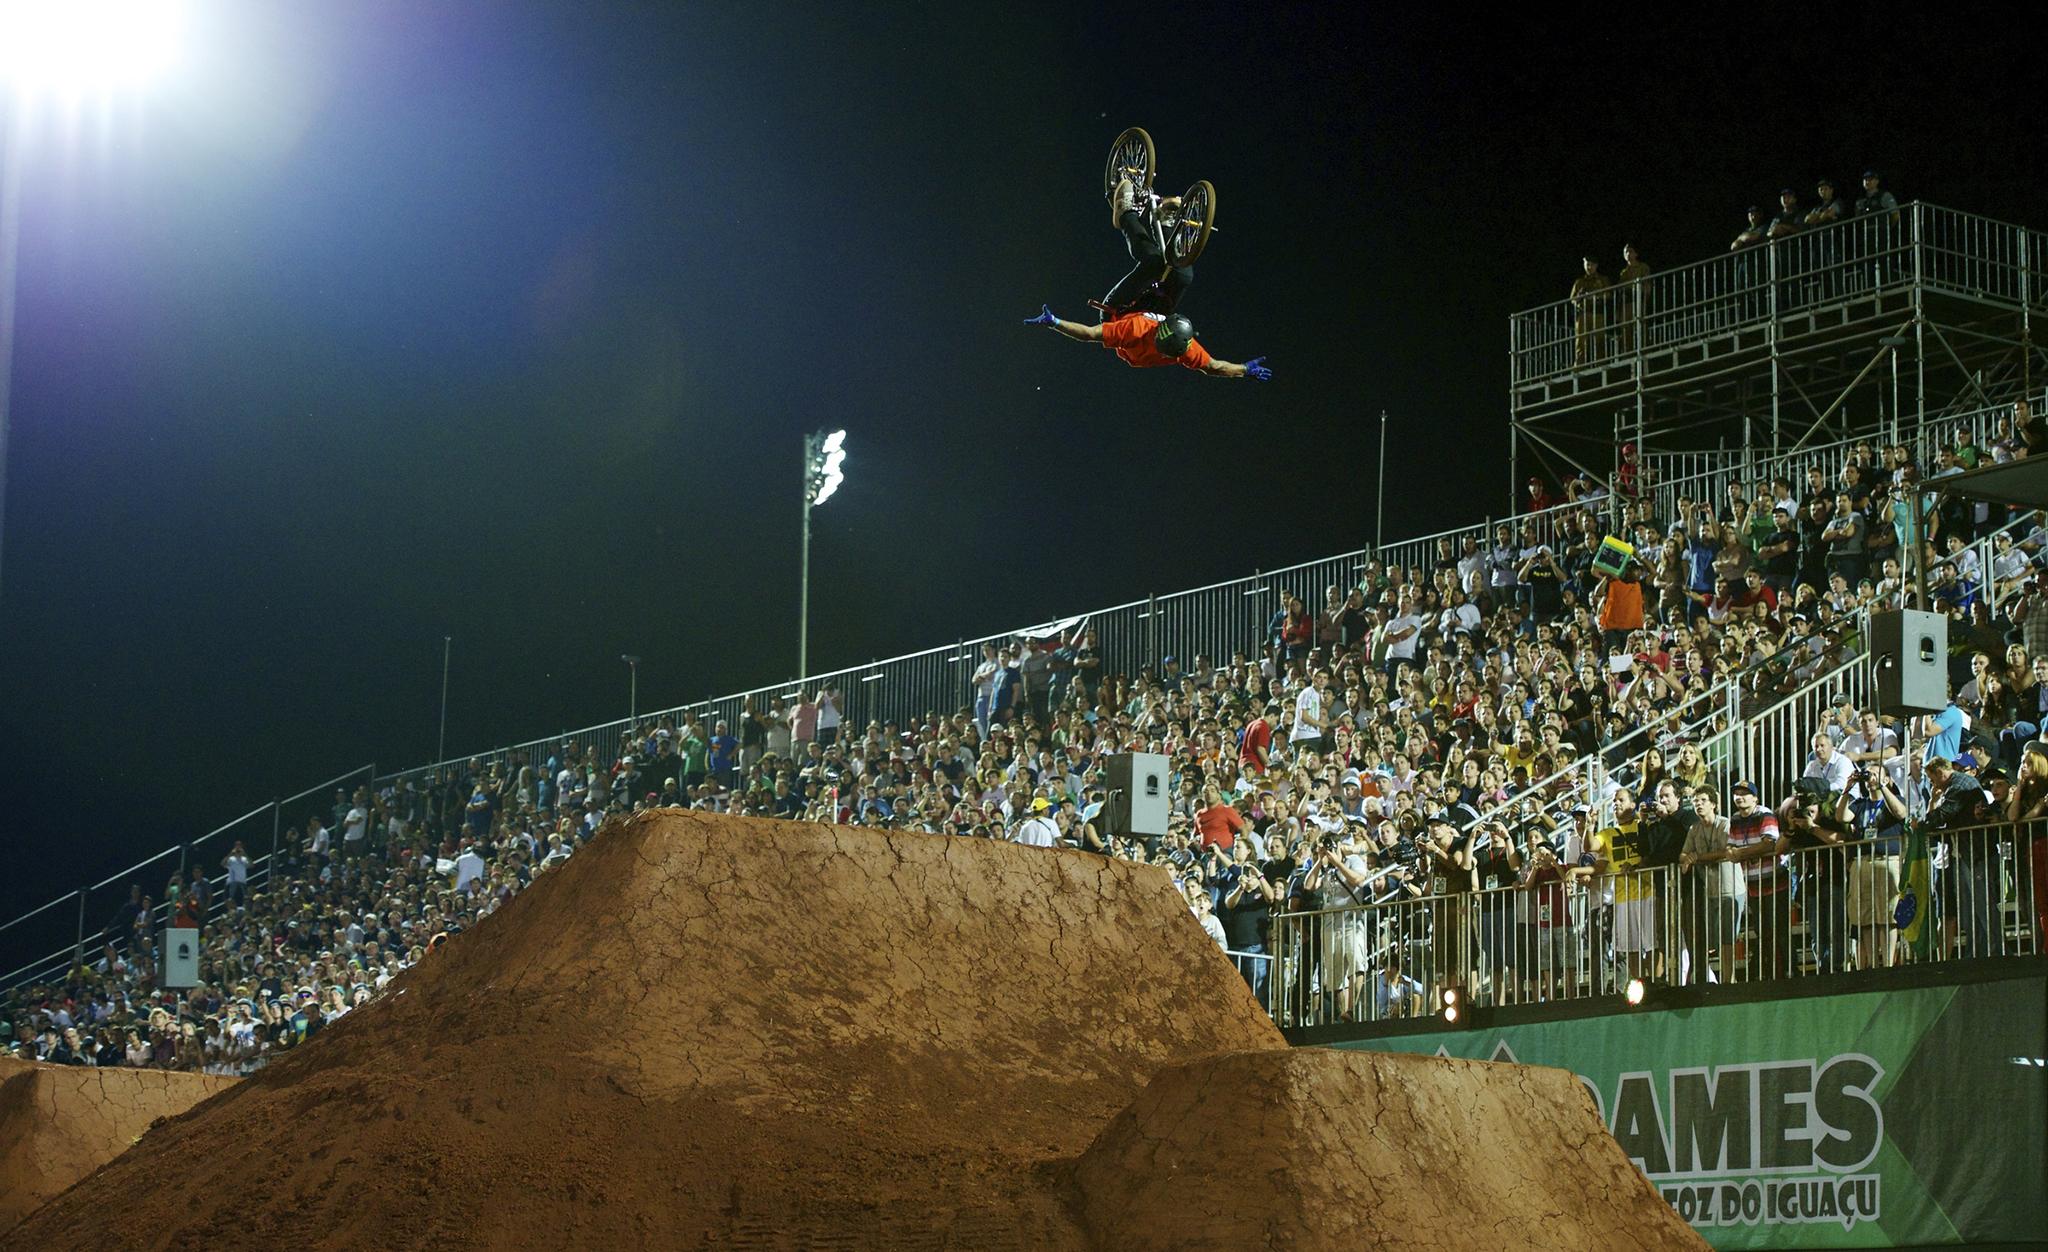 Kyle Baldock, Brasil